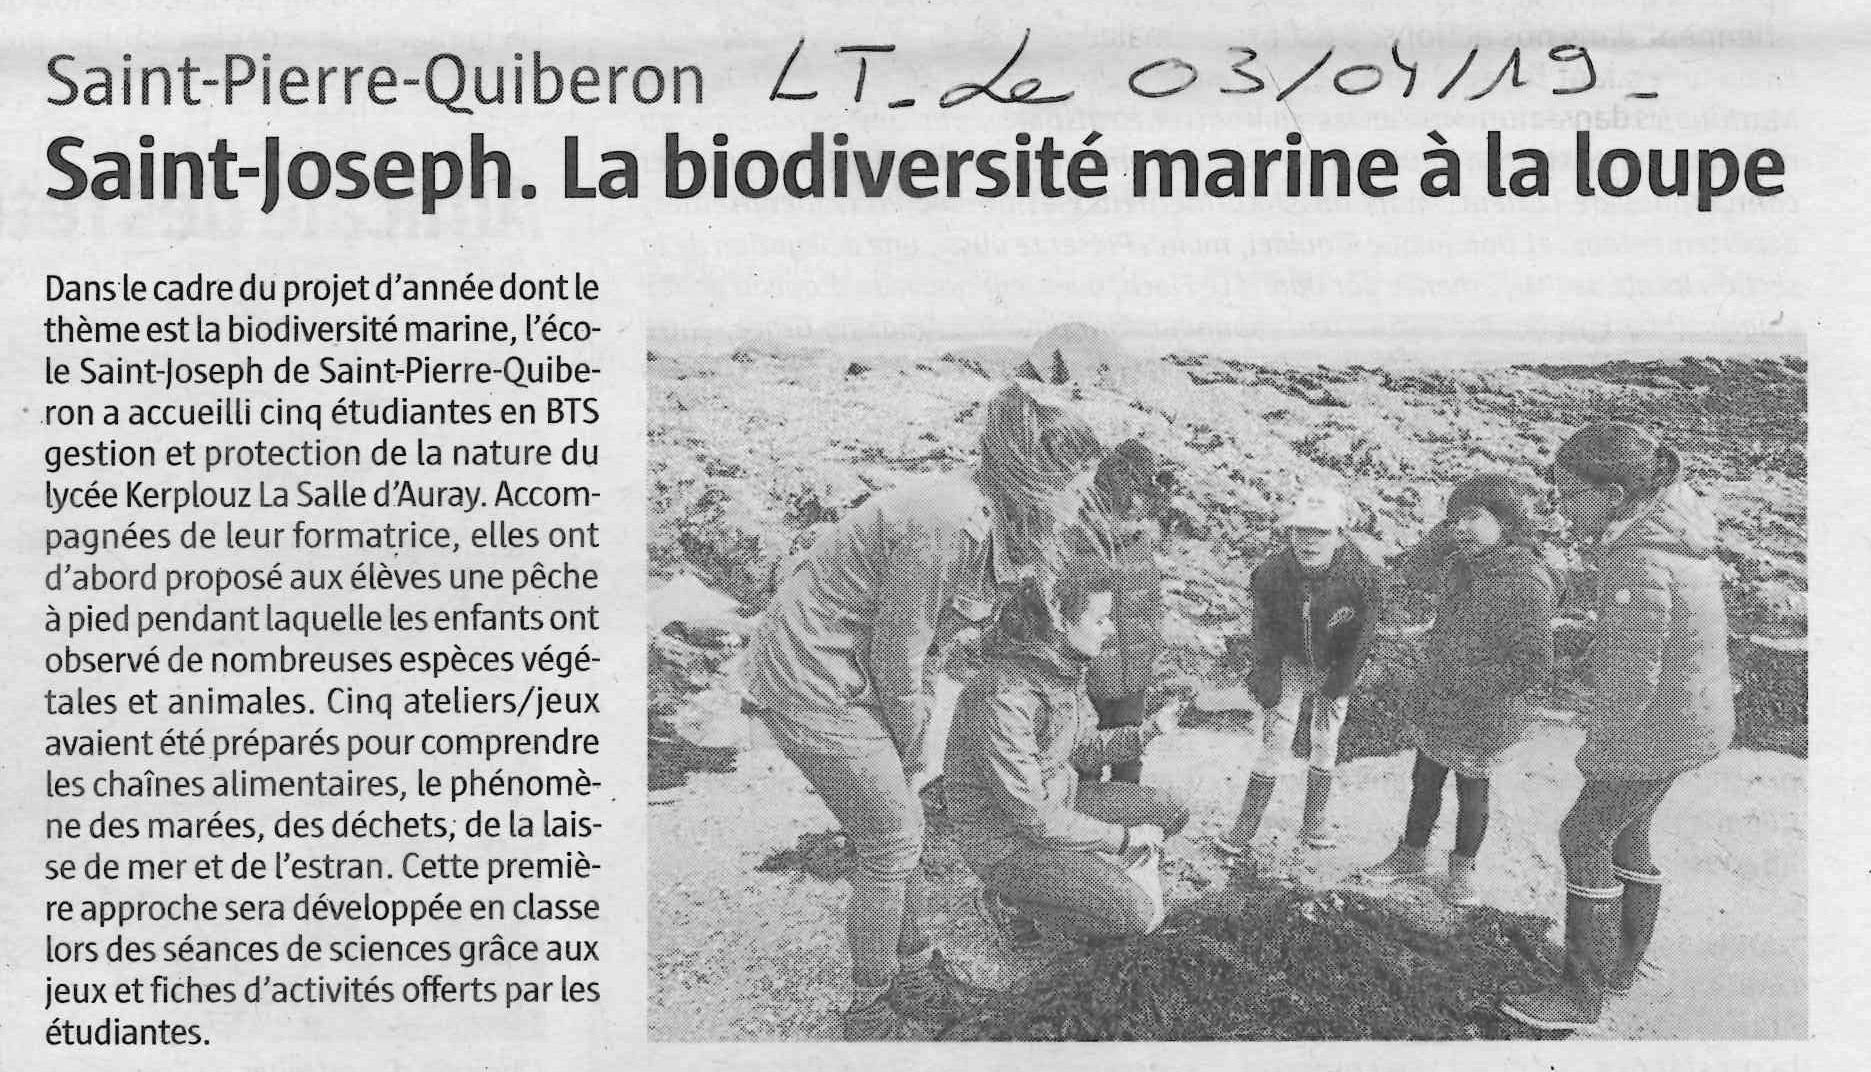 Saint-Joseph. La biodiversité marine à la loupe